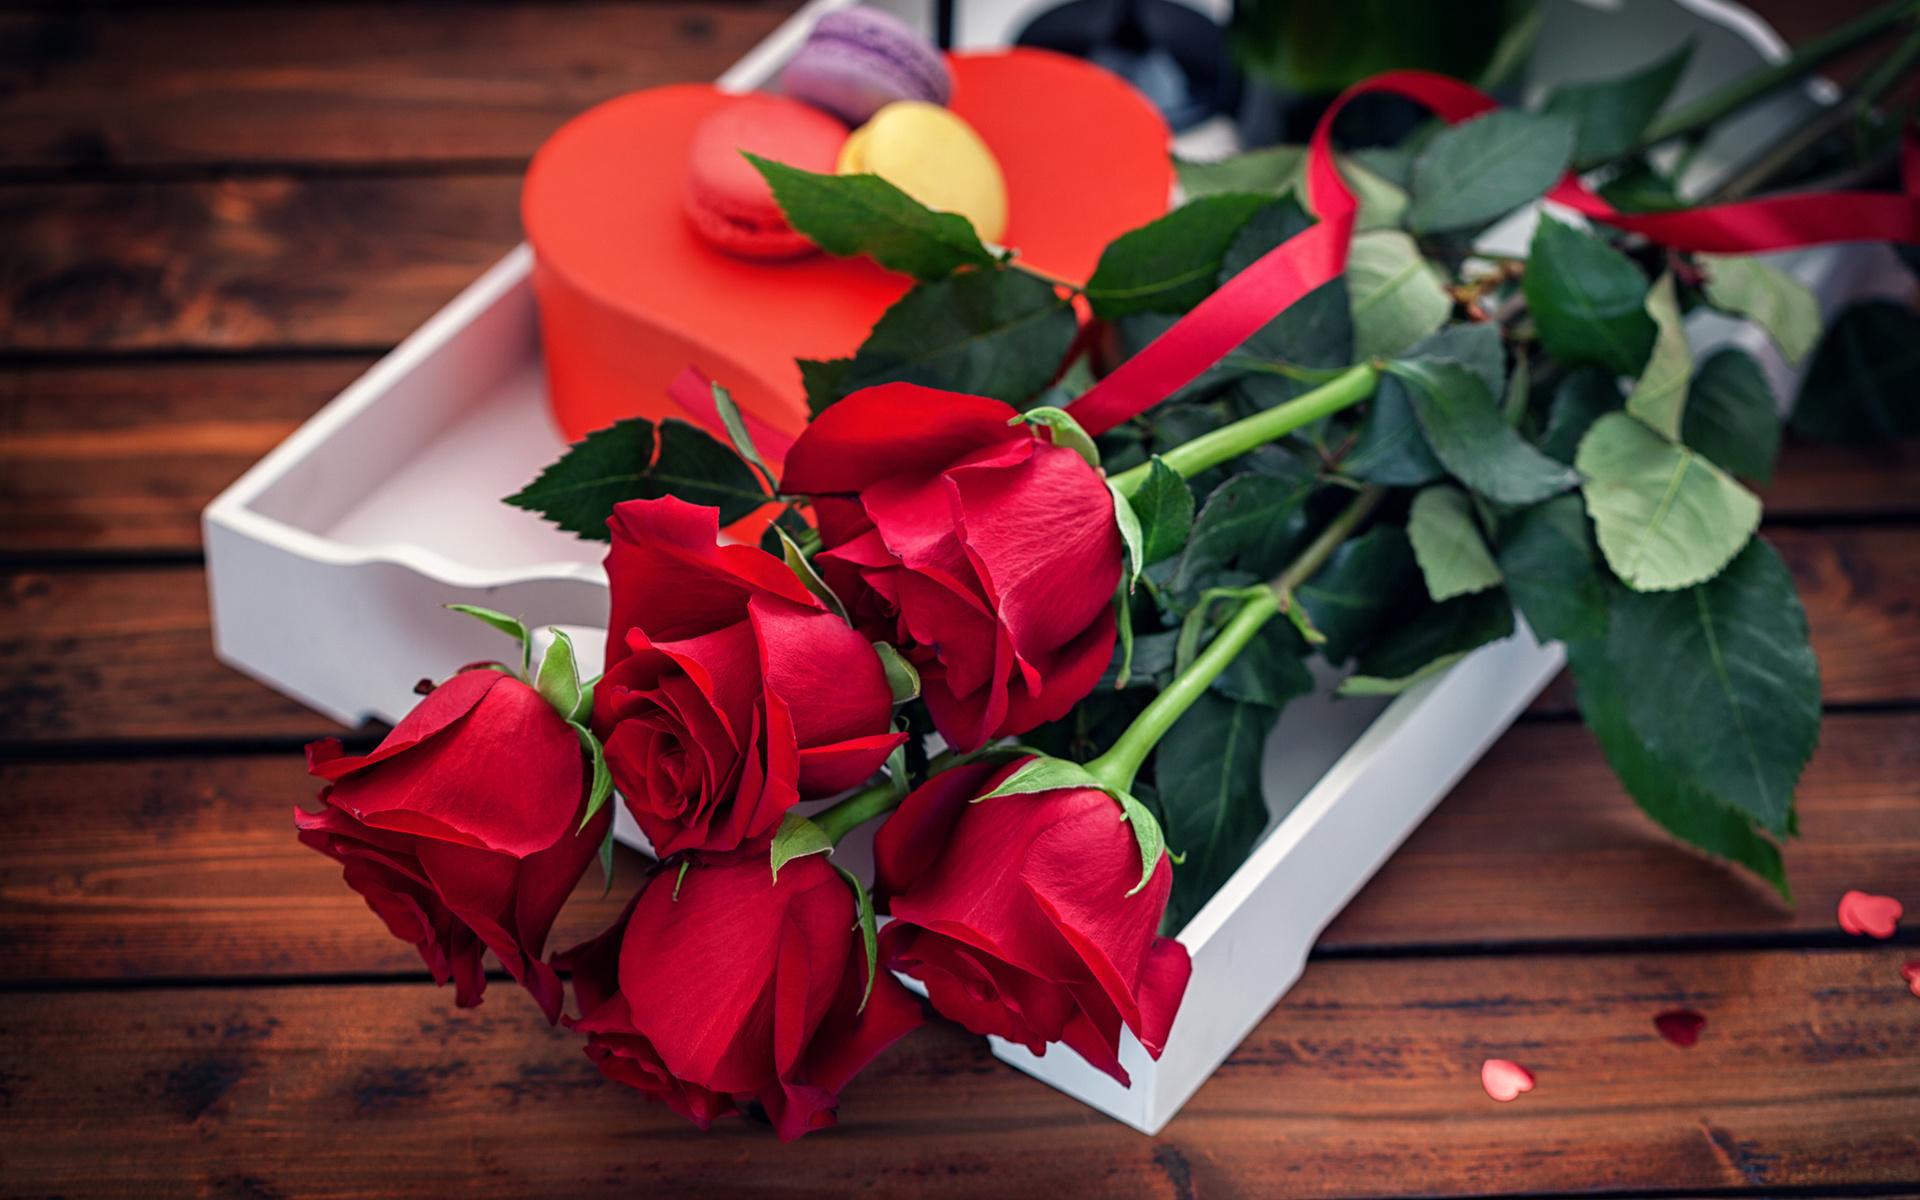 Цветы подарок с днем рождения фотографиями, световую